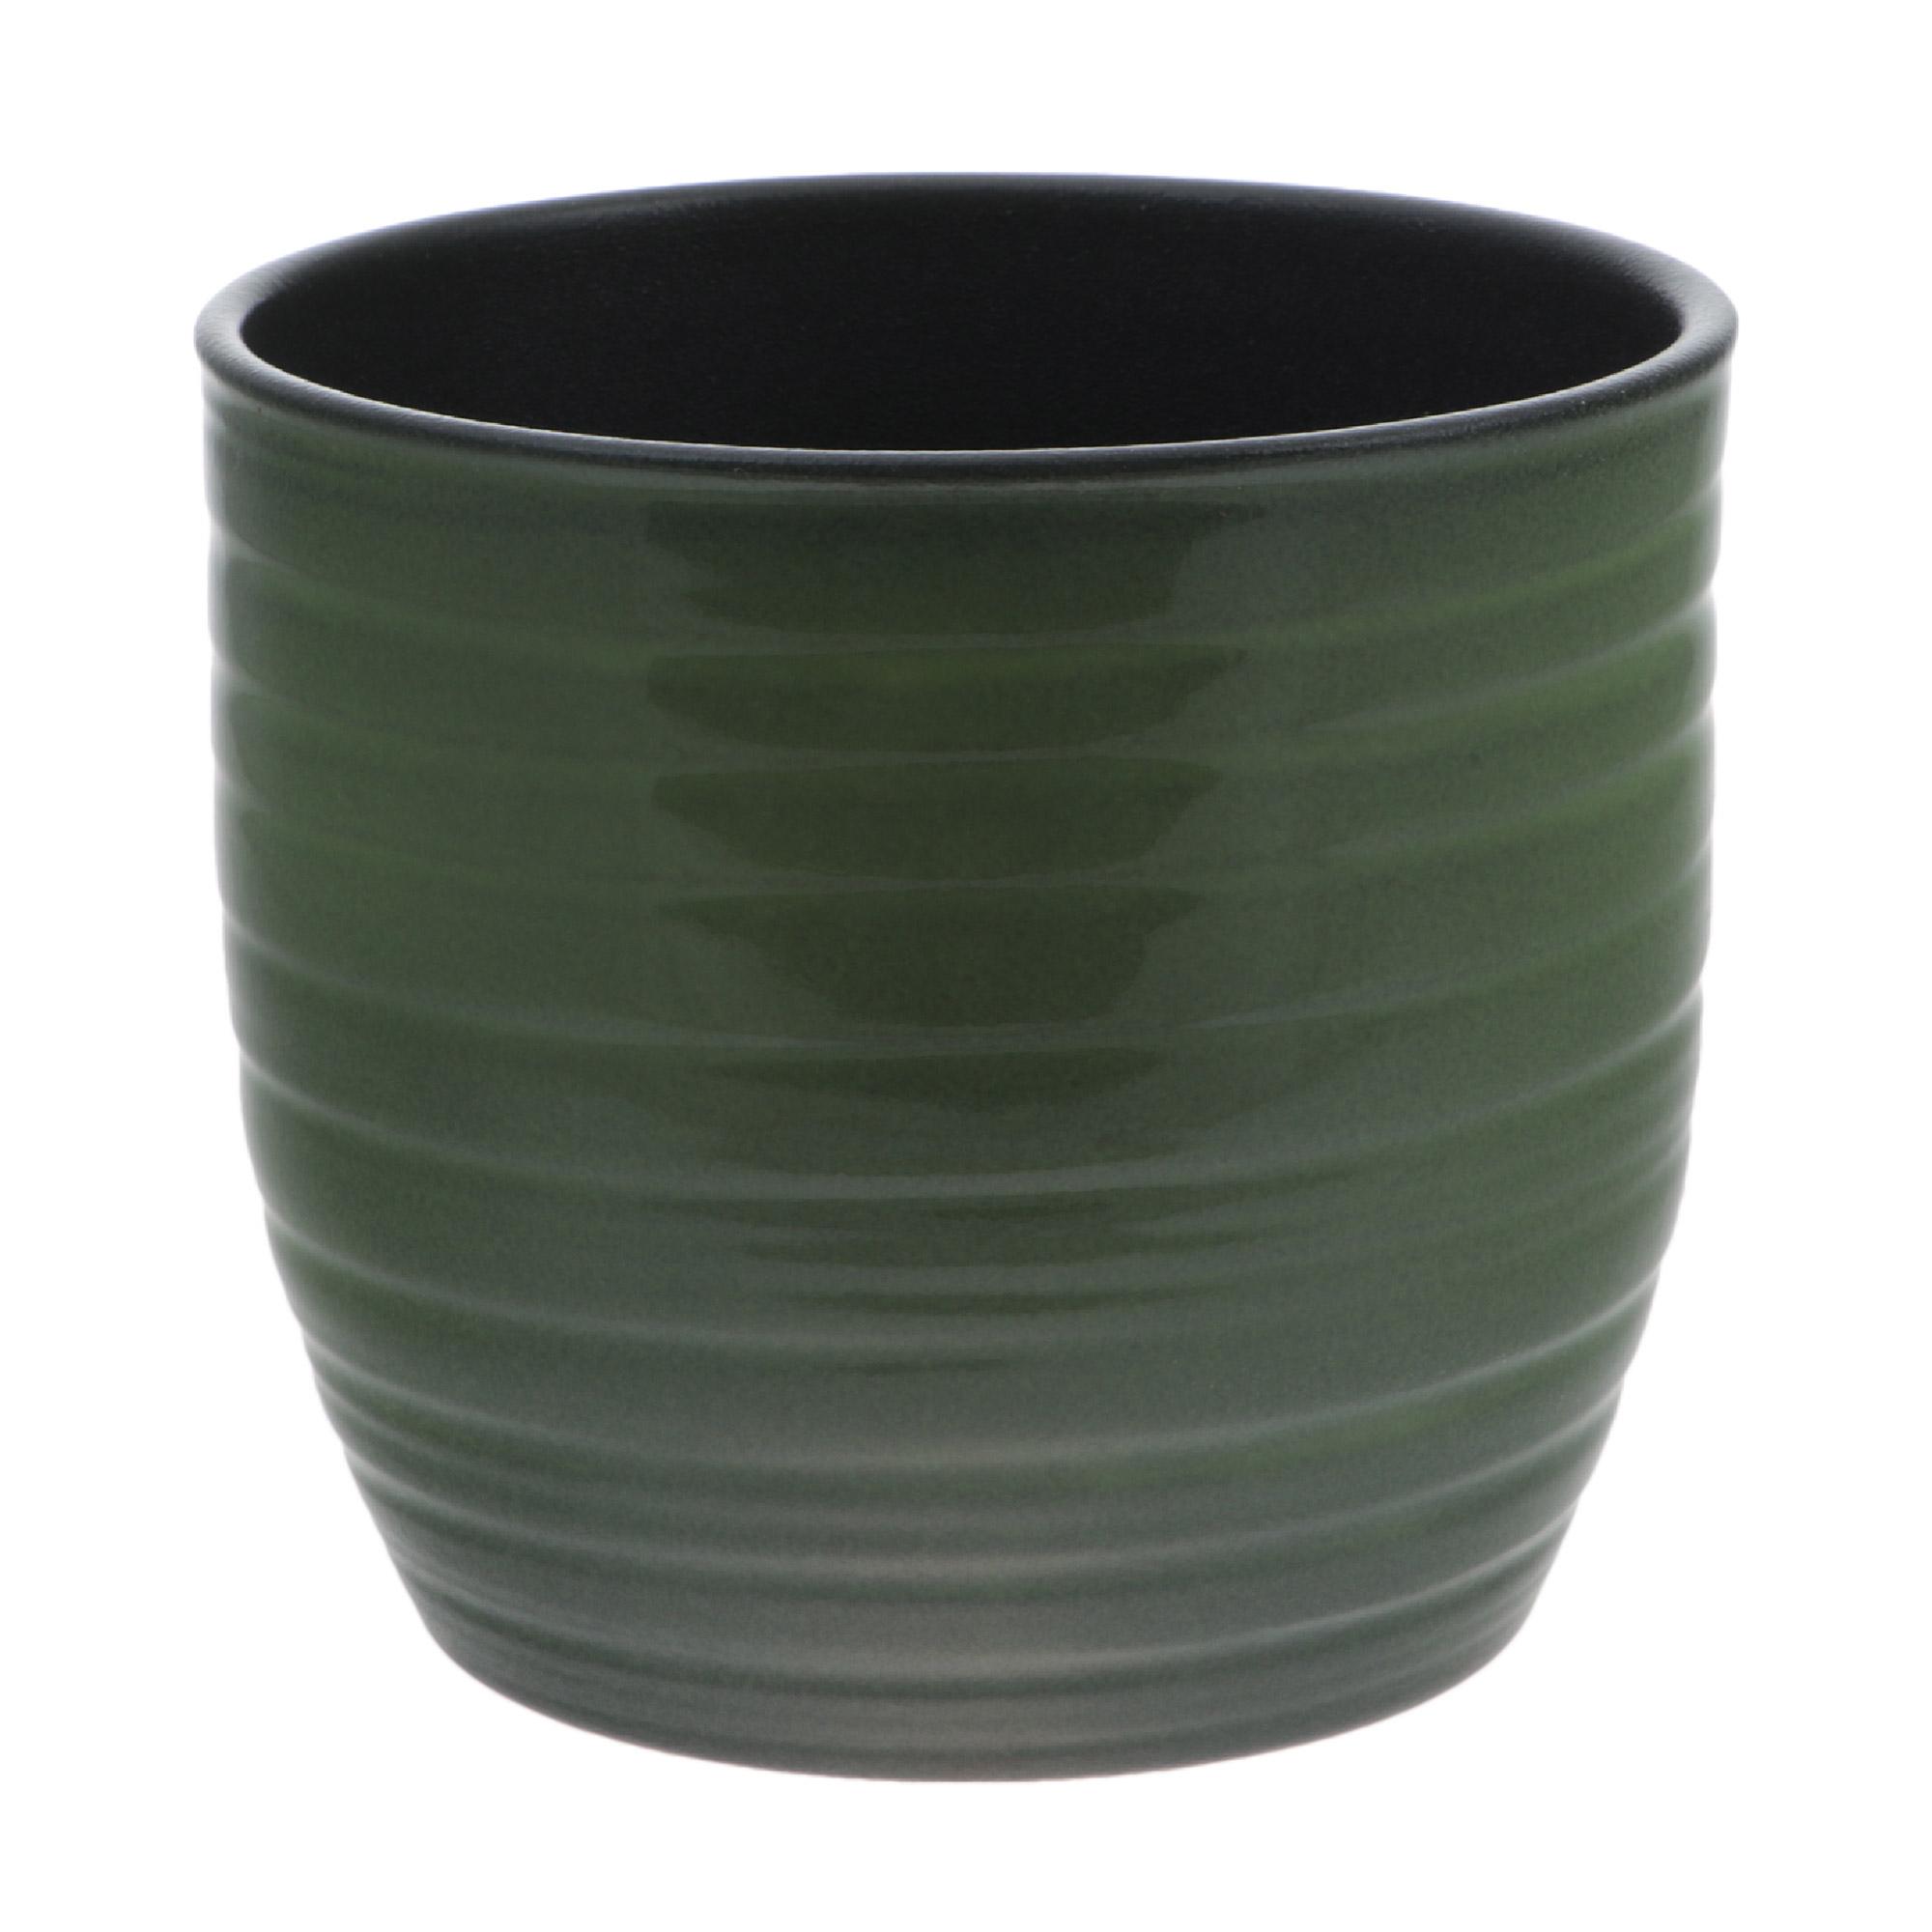 Кашпо Soendgen Bergamo D16см глянец зеленый недорого